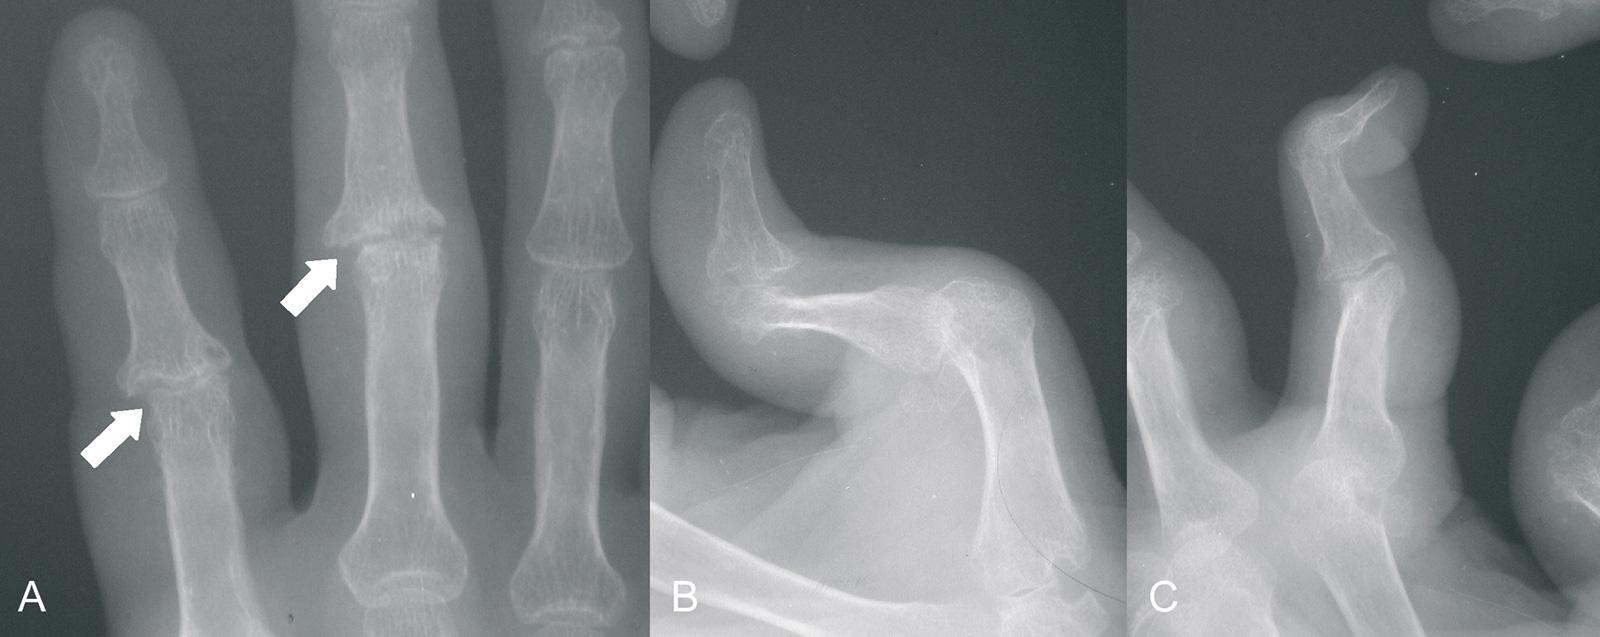 Abb. 1-71: Gelenknahe Arrosionen der Fingergelenke (A), 90-90-Deformität (B), Schwanenhalsdeformität (C)